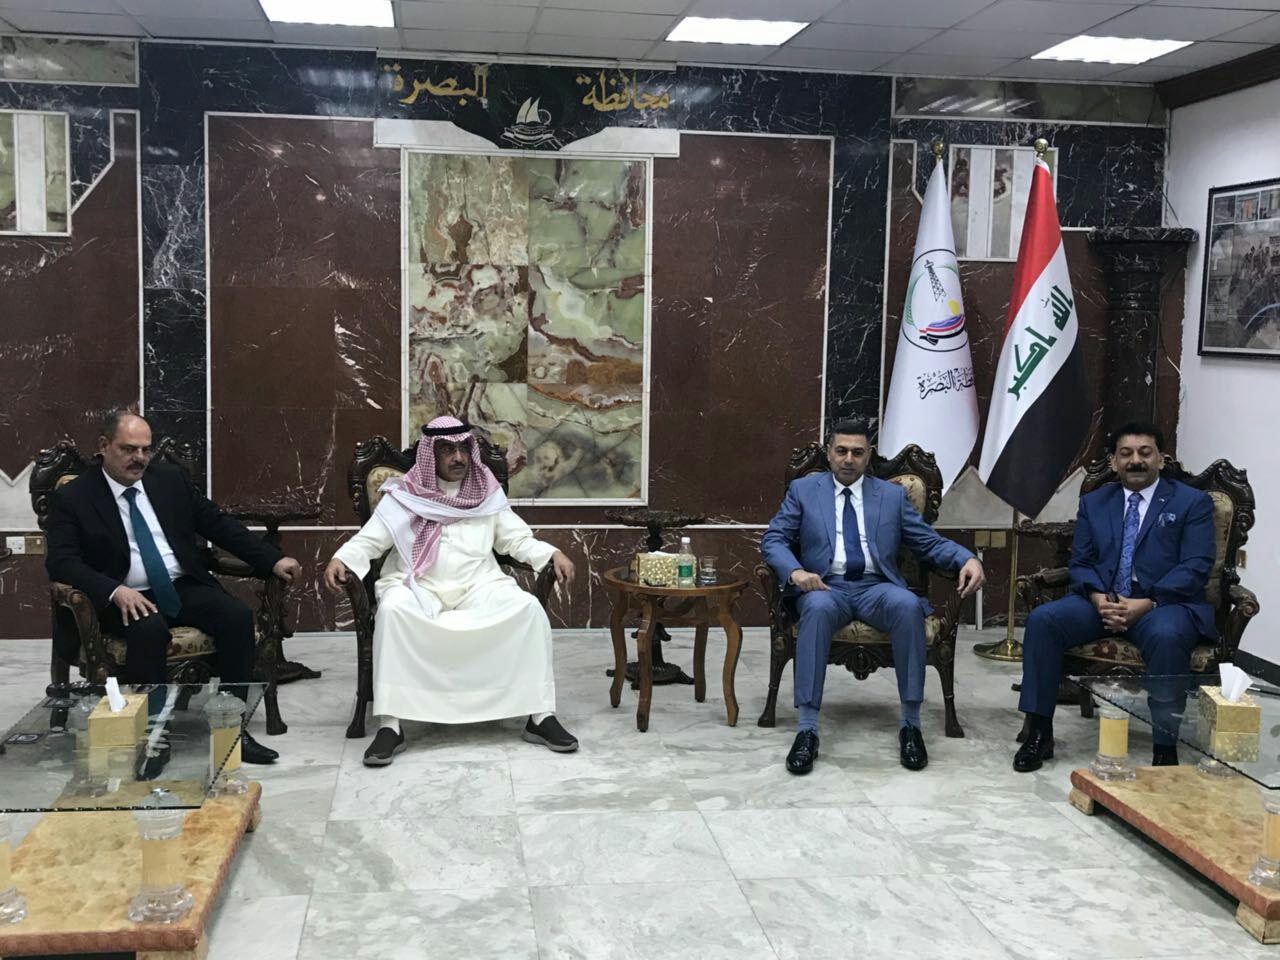 وفد كويتي يصل البصرة لتعزيز العلاقات بين البلدين